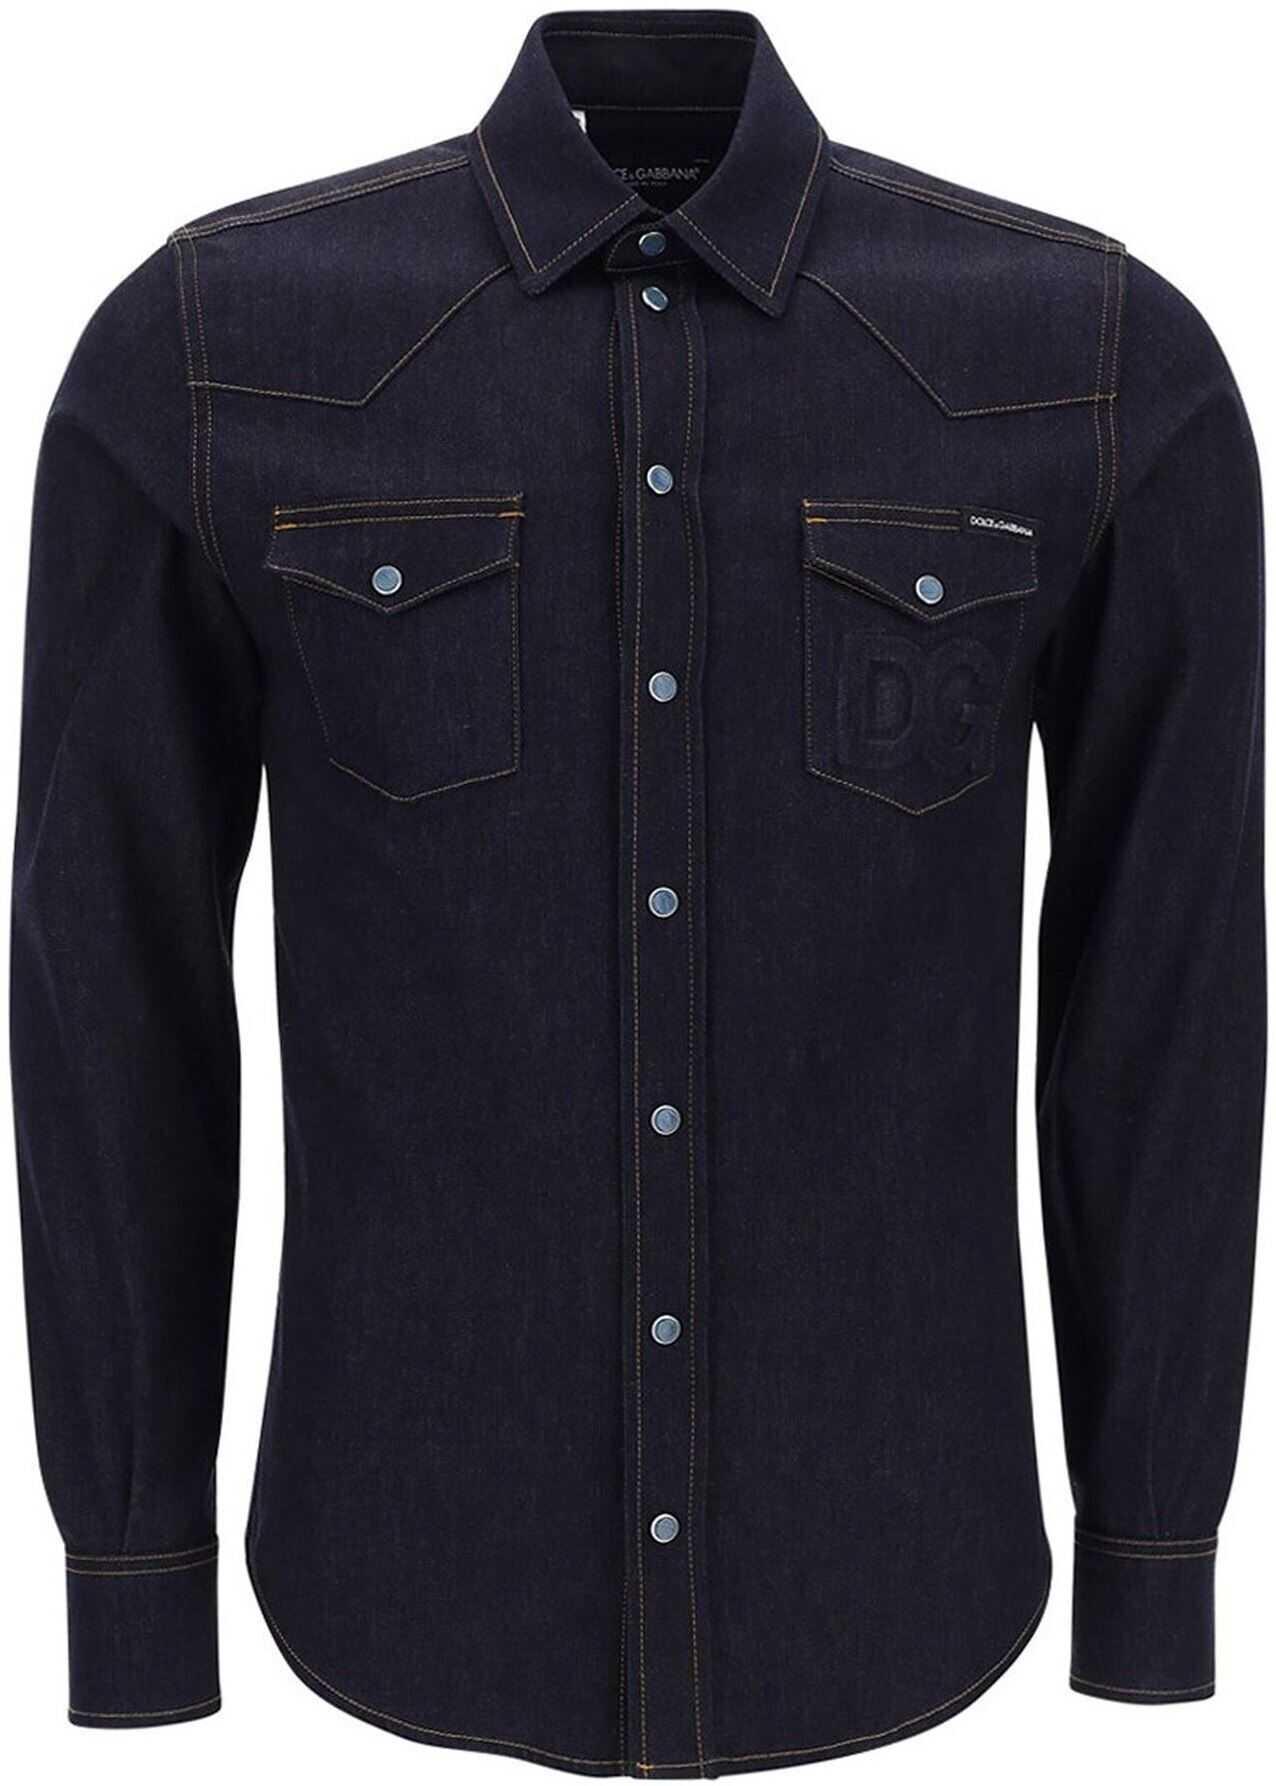 Dolce & Gabbana Stretch Denim Cotton Shirt In Blue Blue imagine